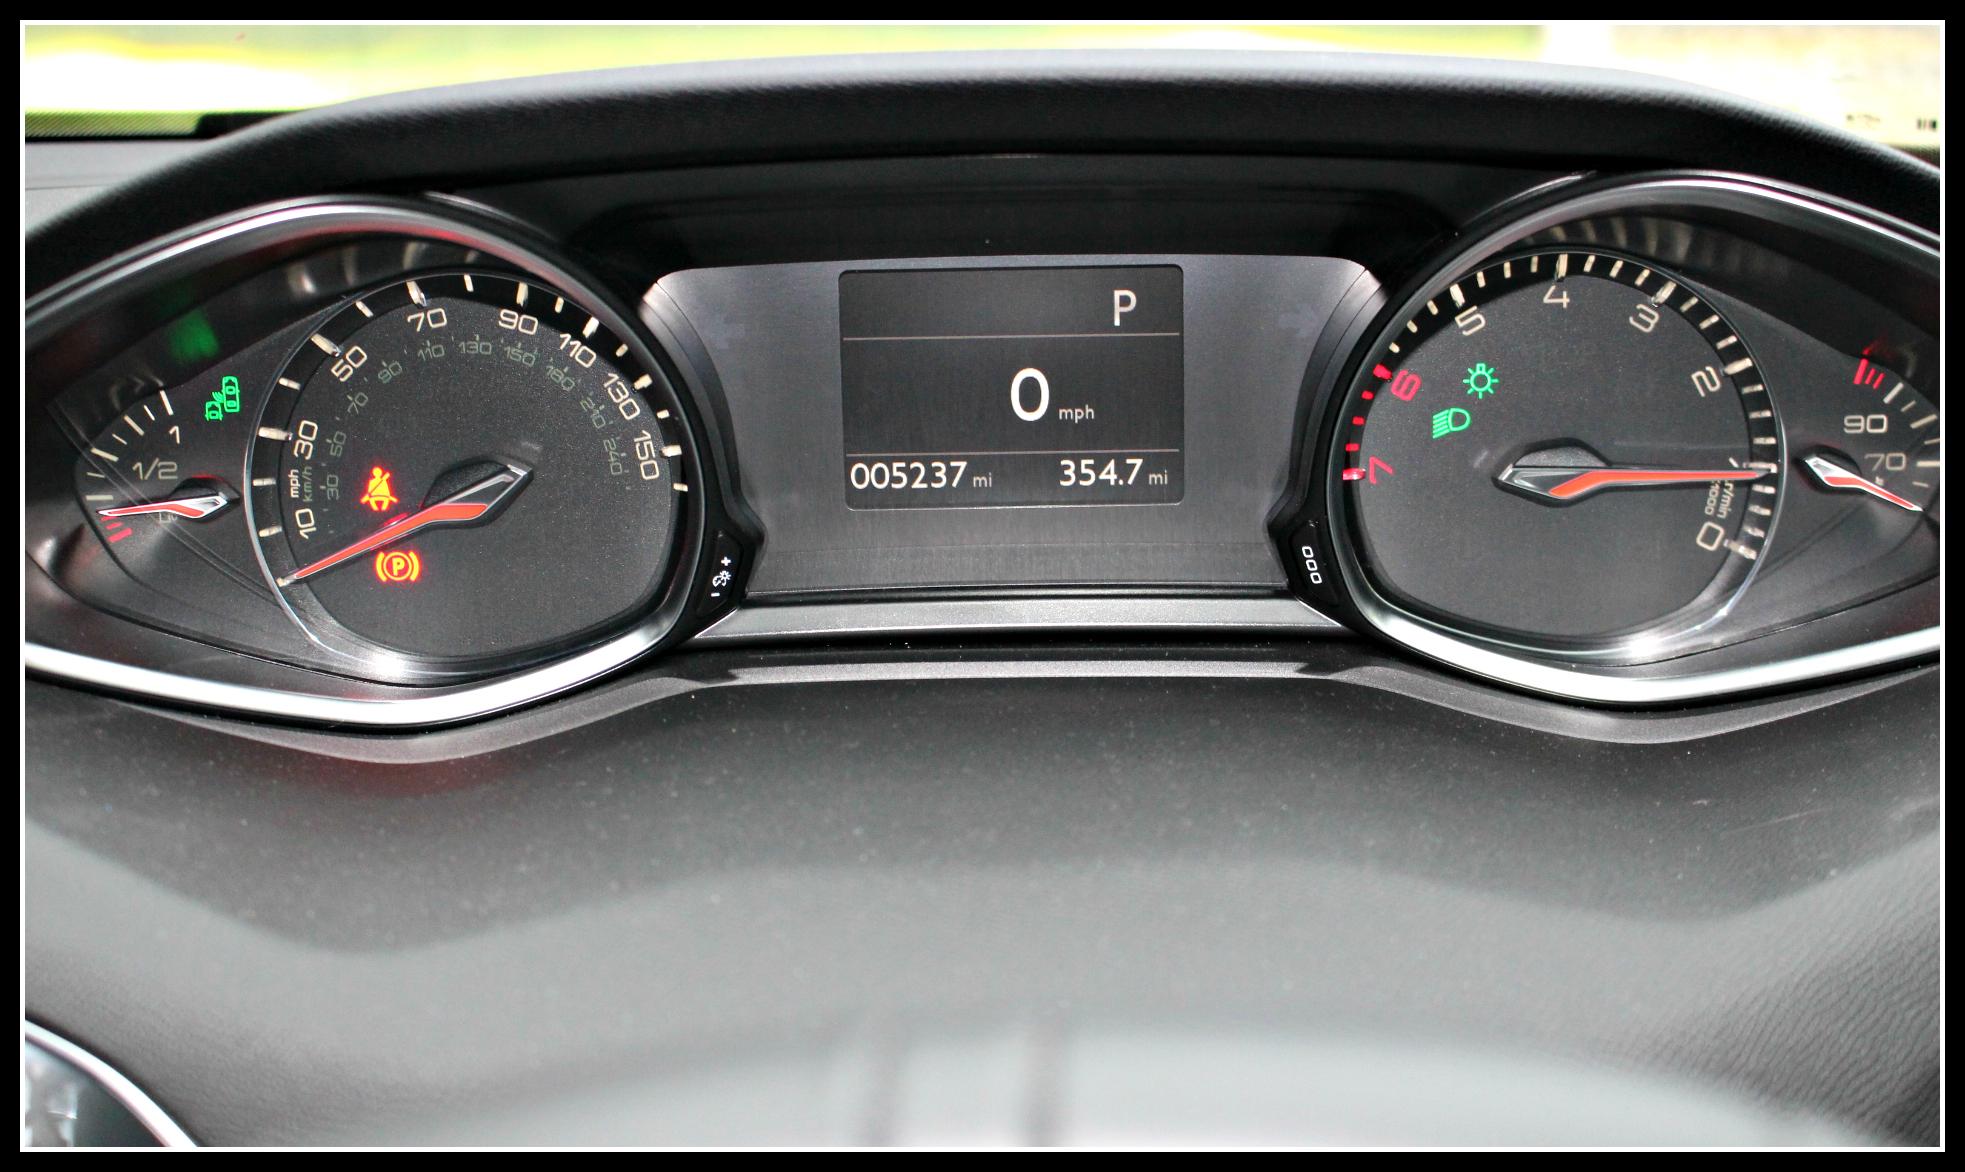 Peugoet, Peugeot 308, driving, motoring, review, reviews, family friendly car